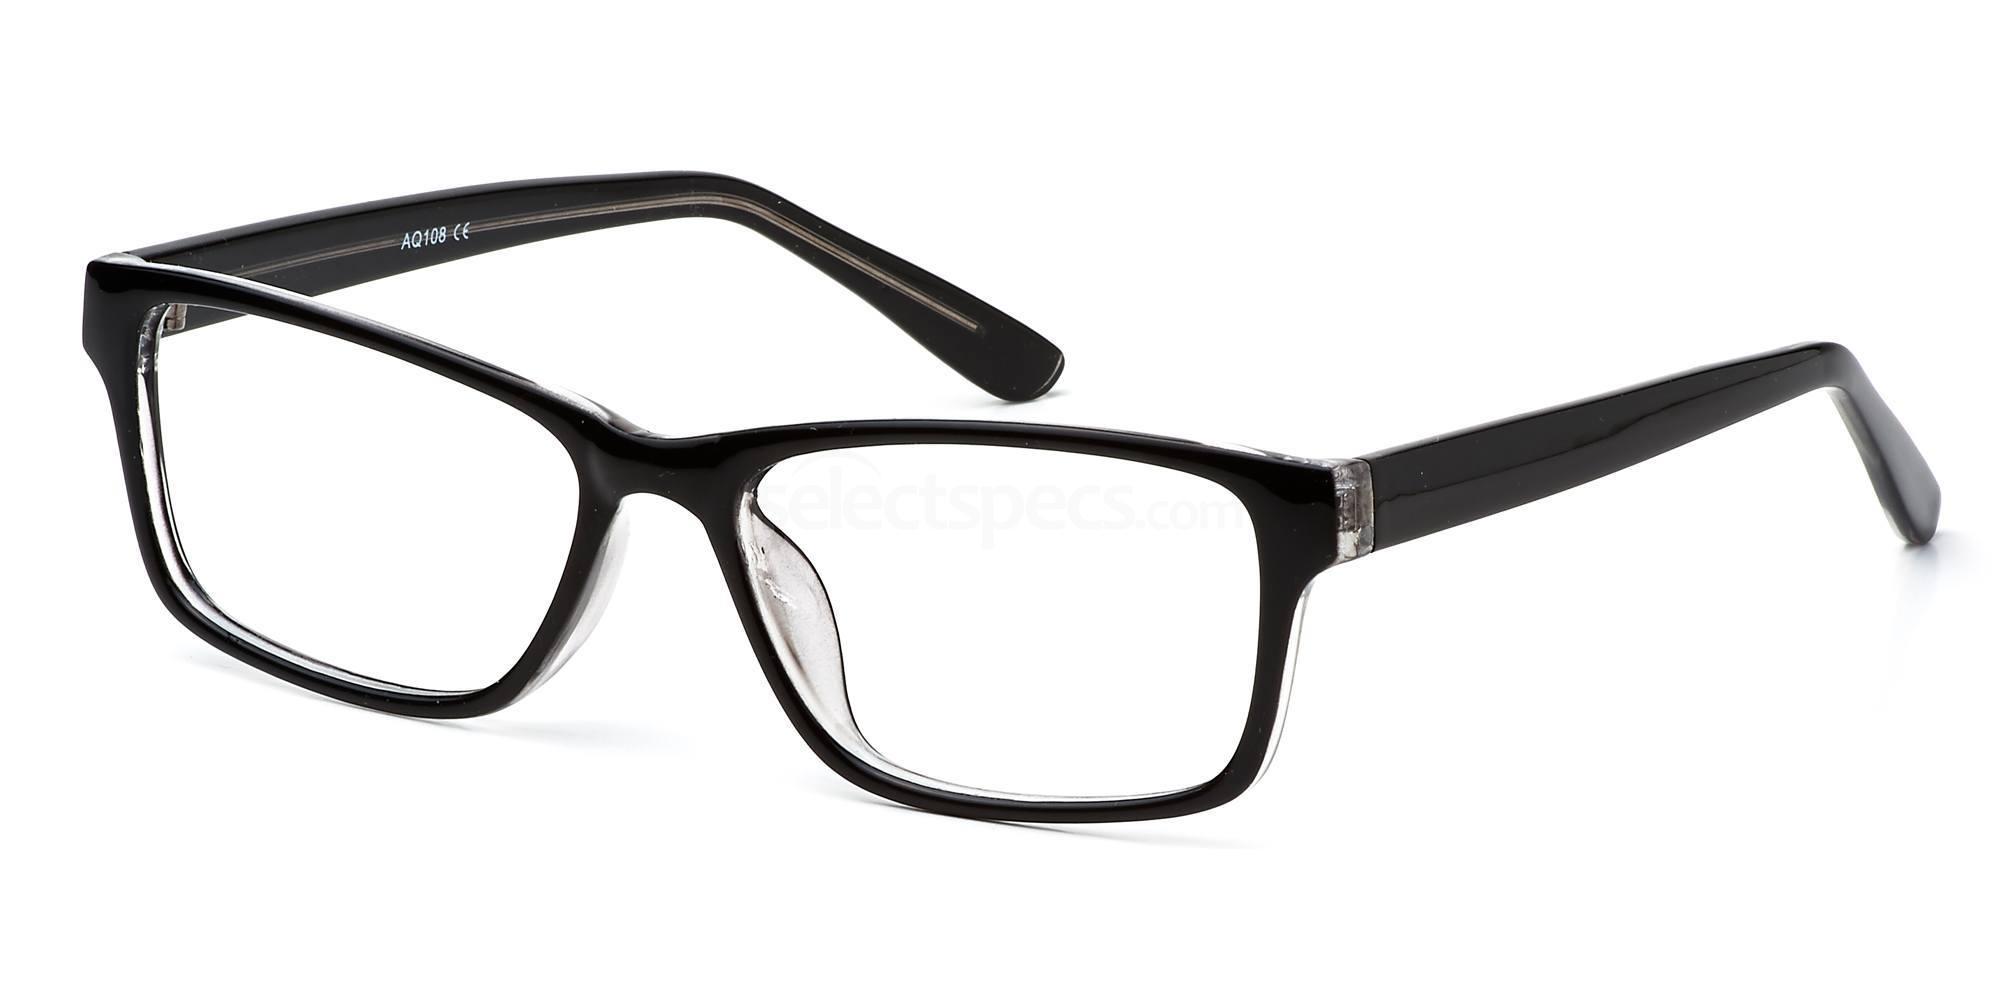 C1 AQ108 Glasses, Aquarius